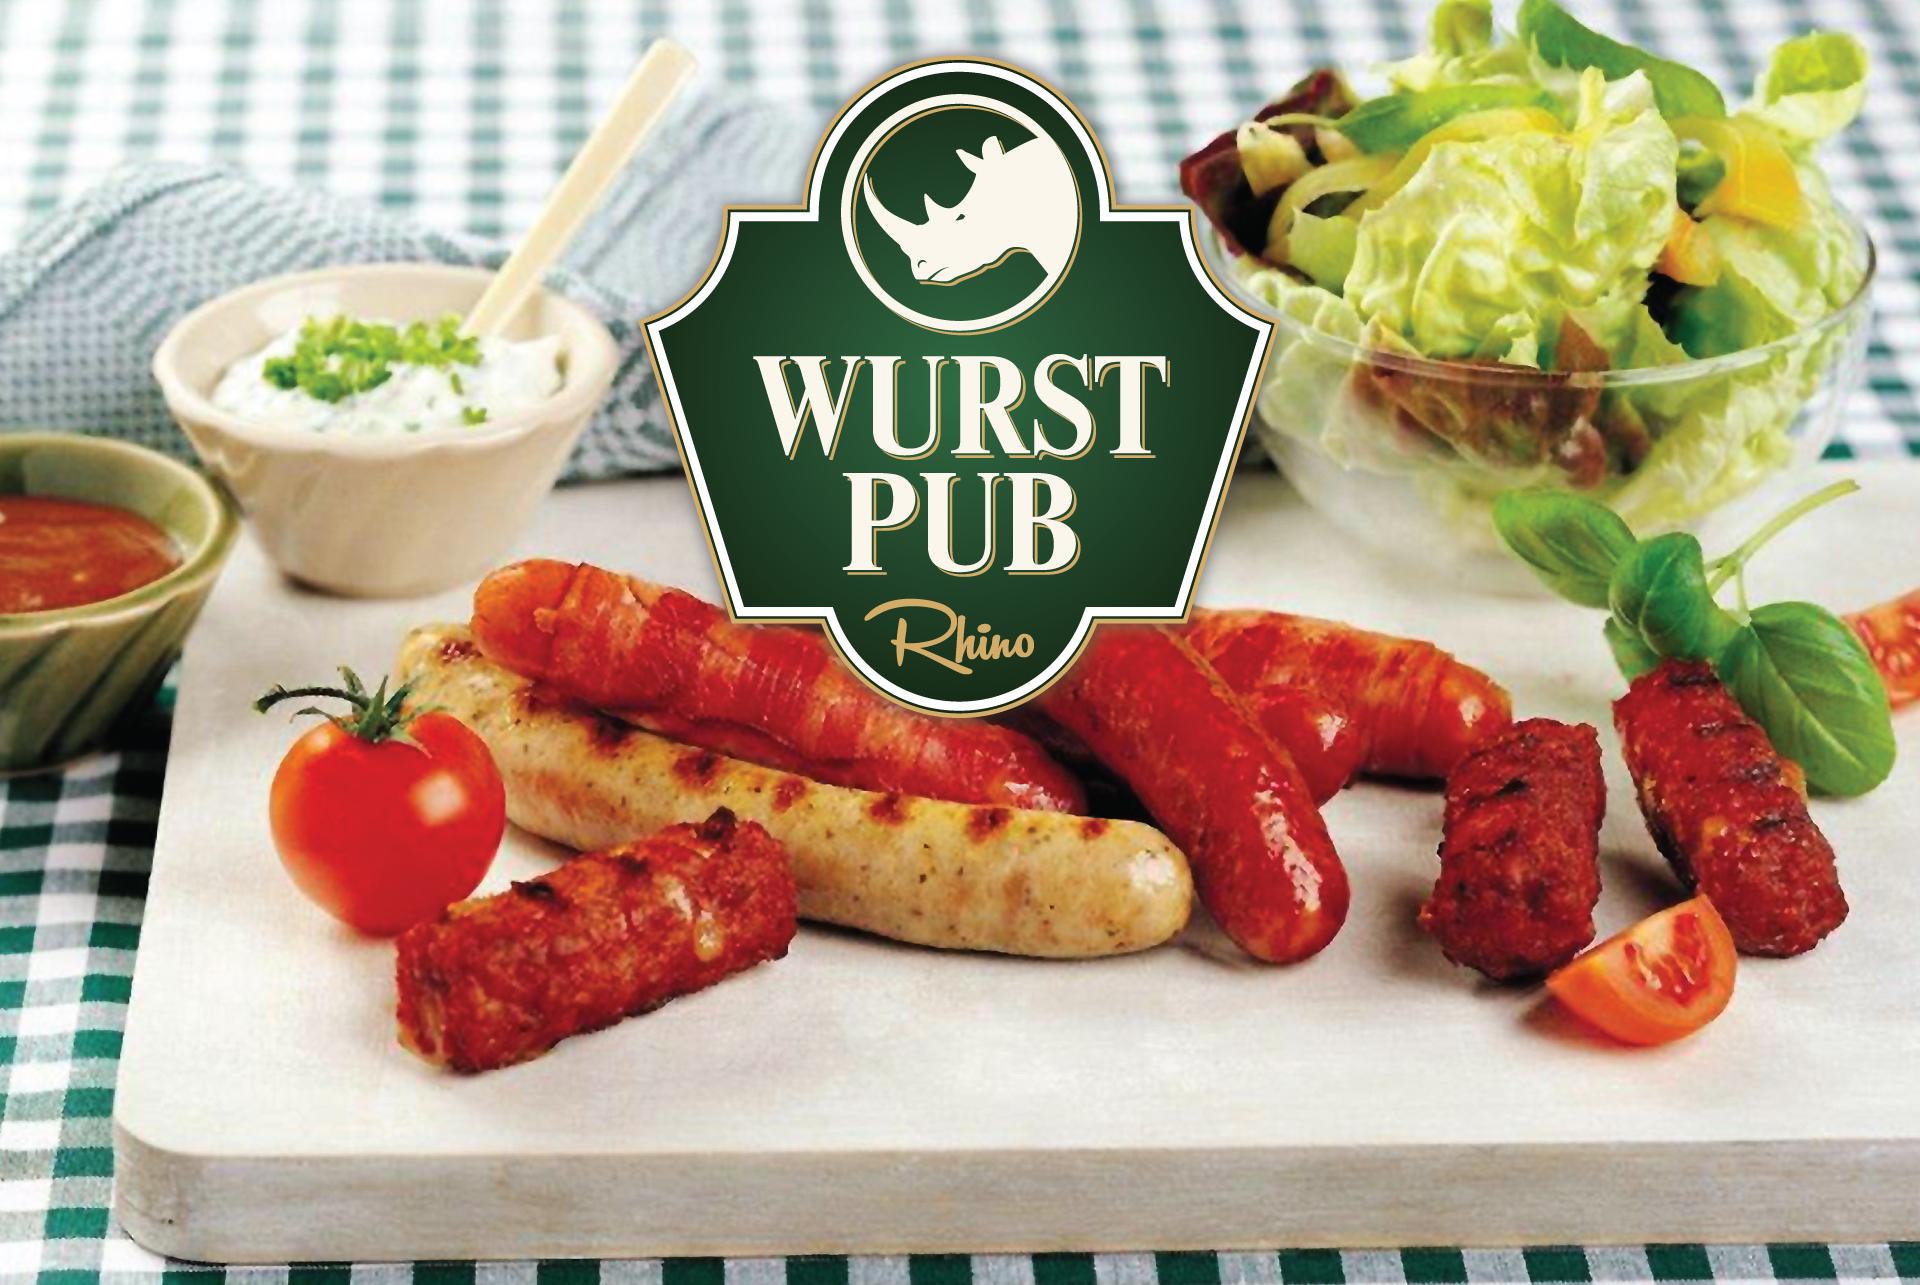 wurst-pub-rhino-02